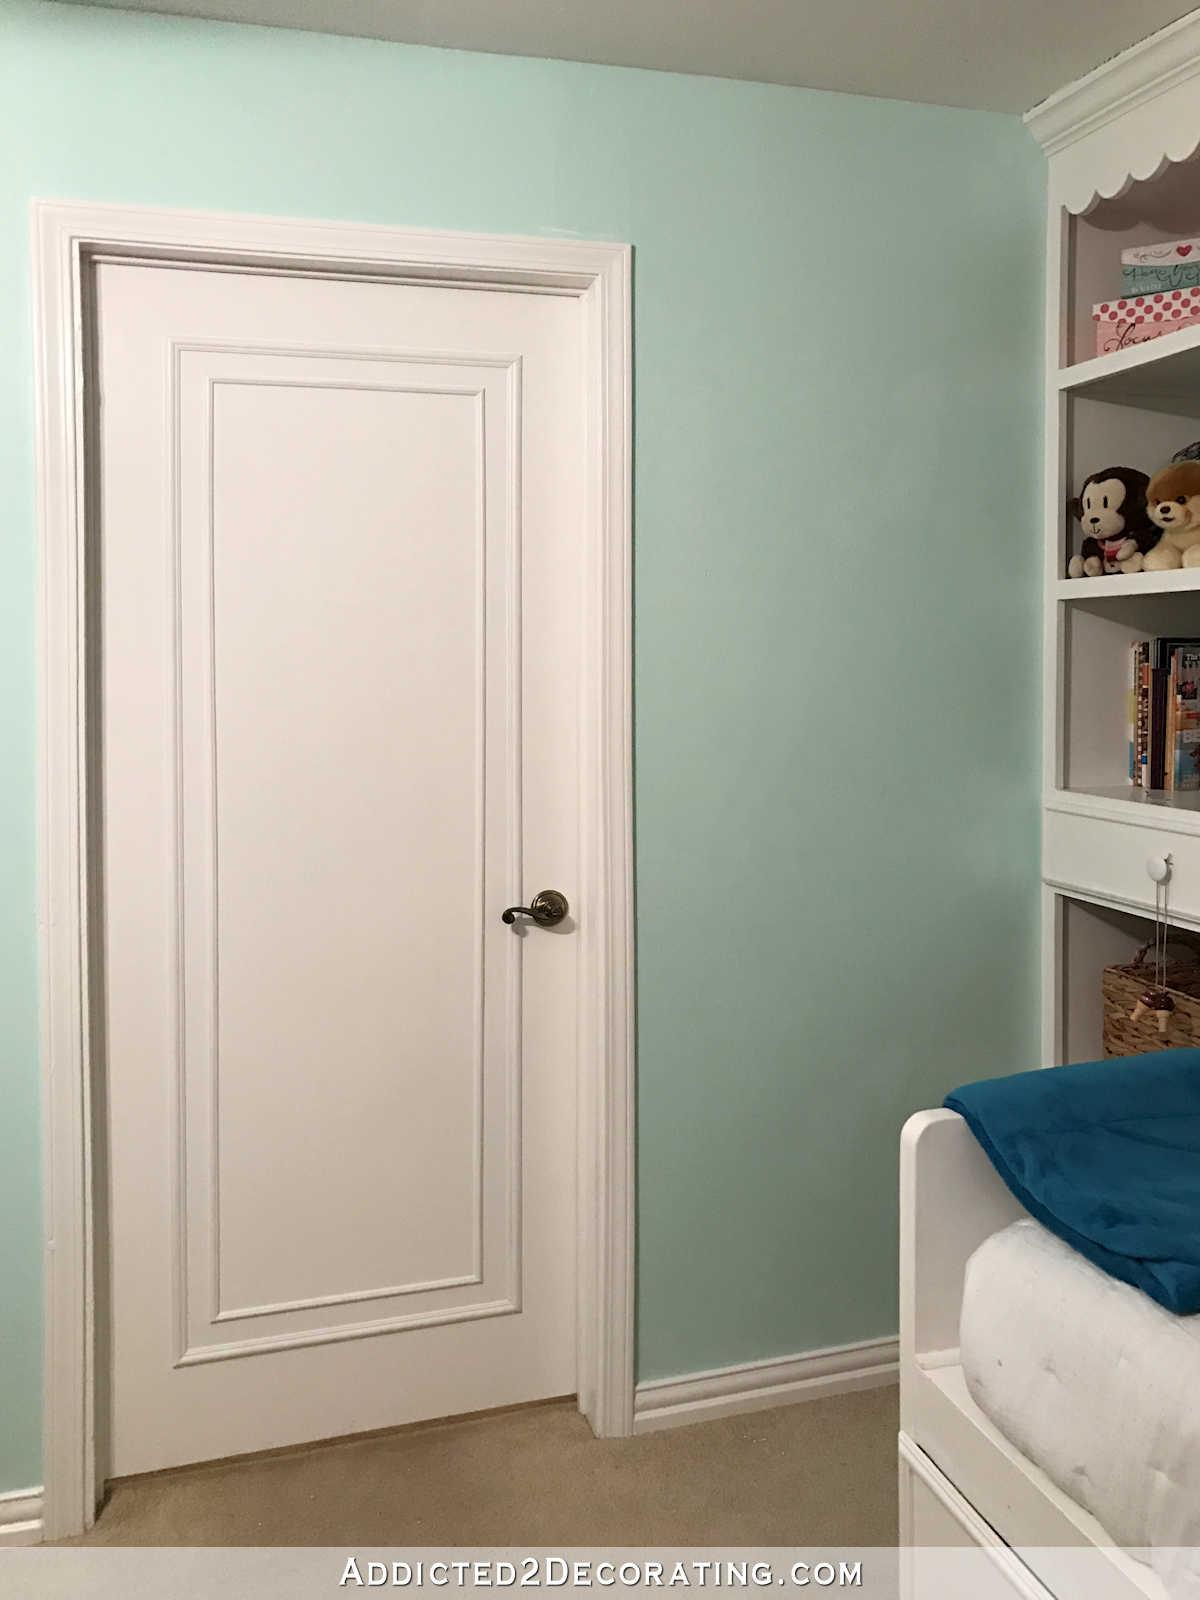 Update Interior Doors